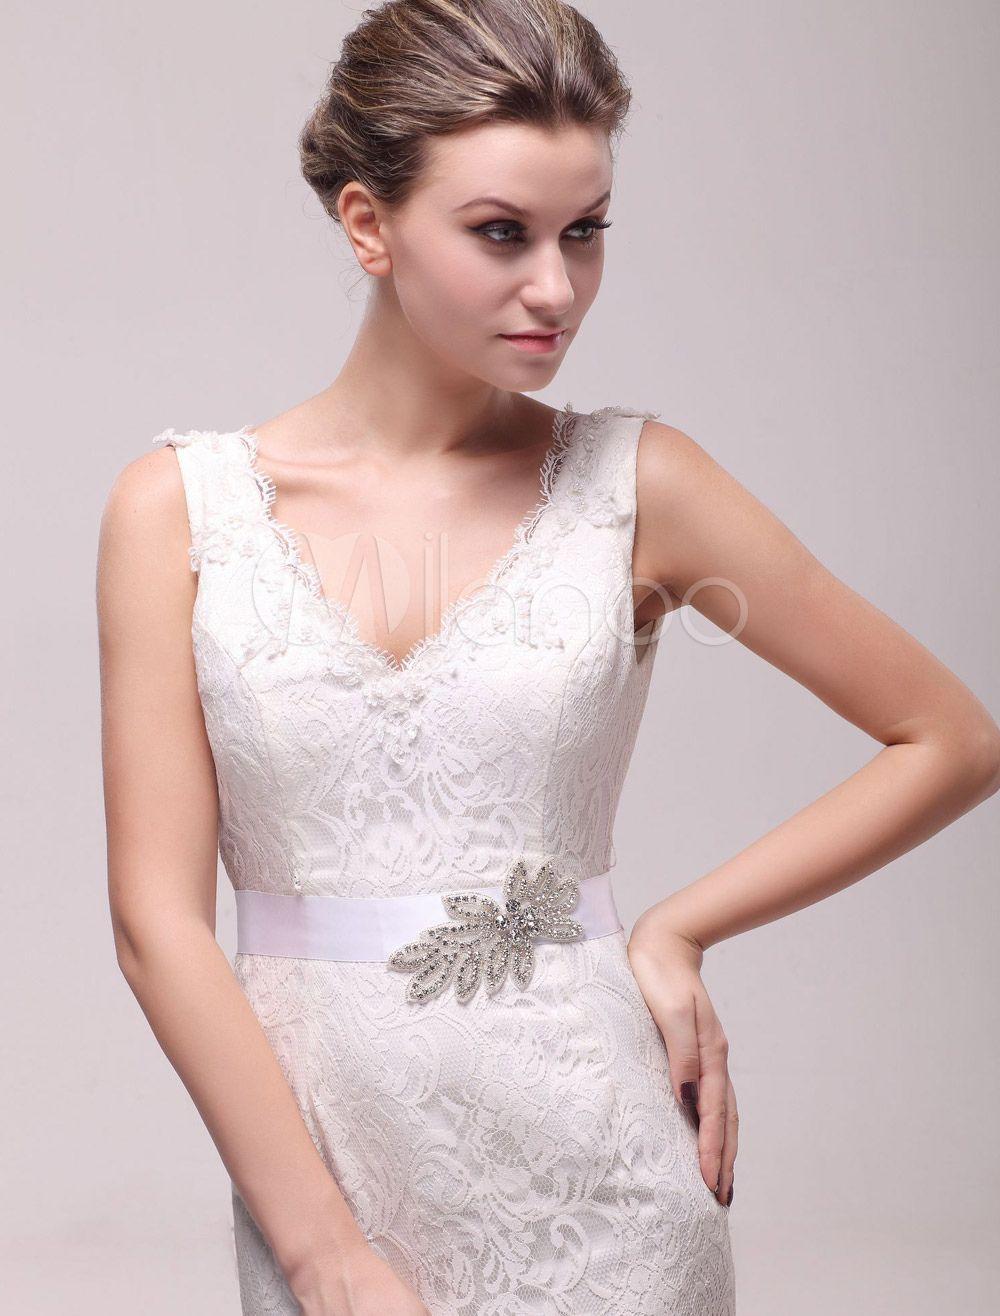 353112 #FashionClothing #WeddingApparel #Costume